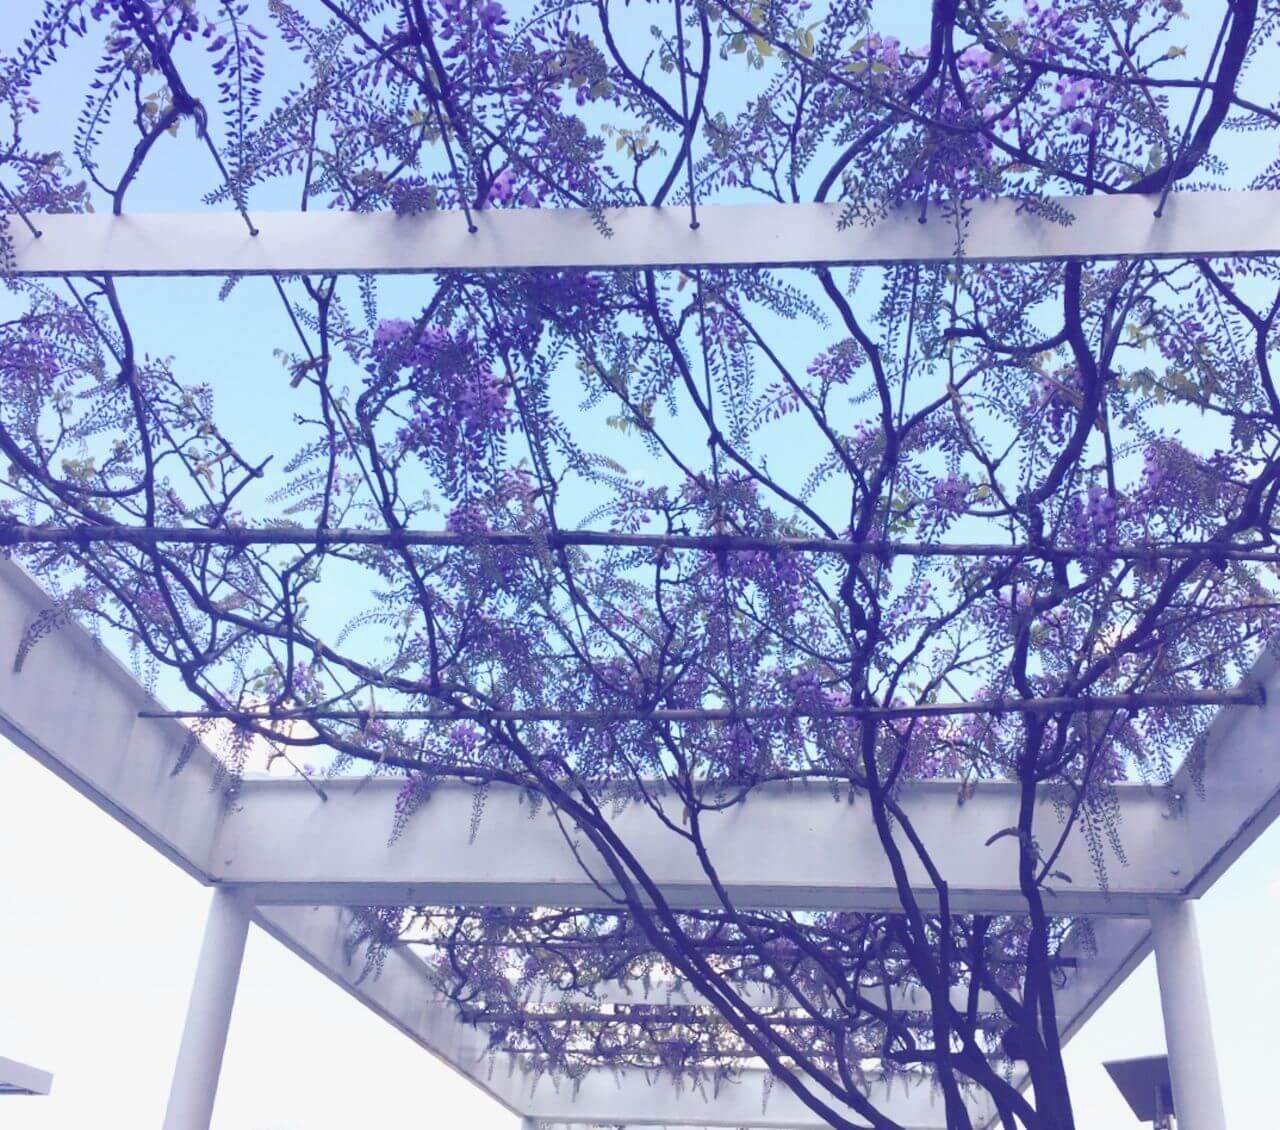 藤棚に花の日記イメージ写真